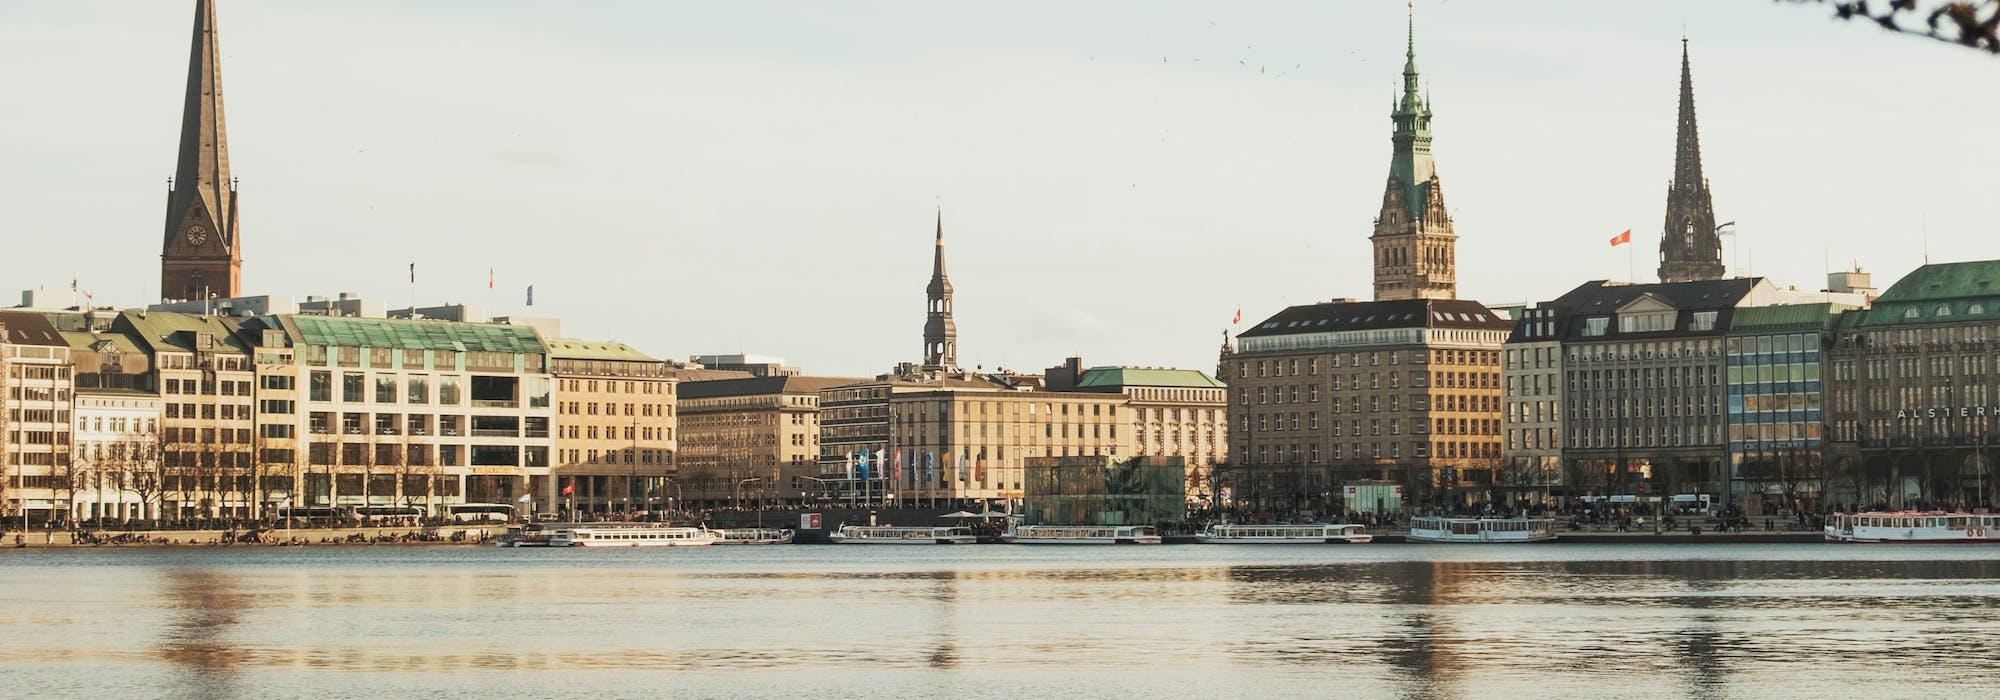 Bild på Hamburg med havet i förgrunden och byggnader i bakgrunden.